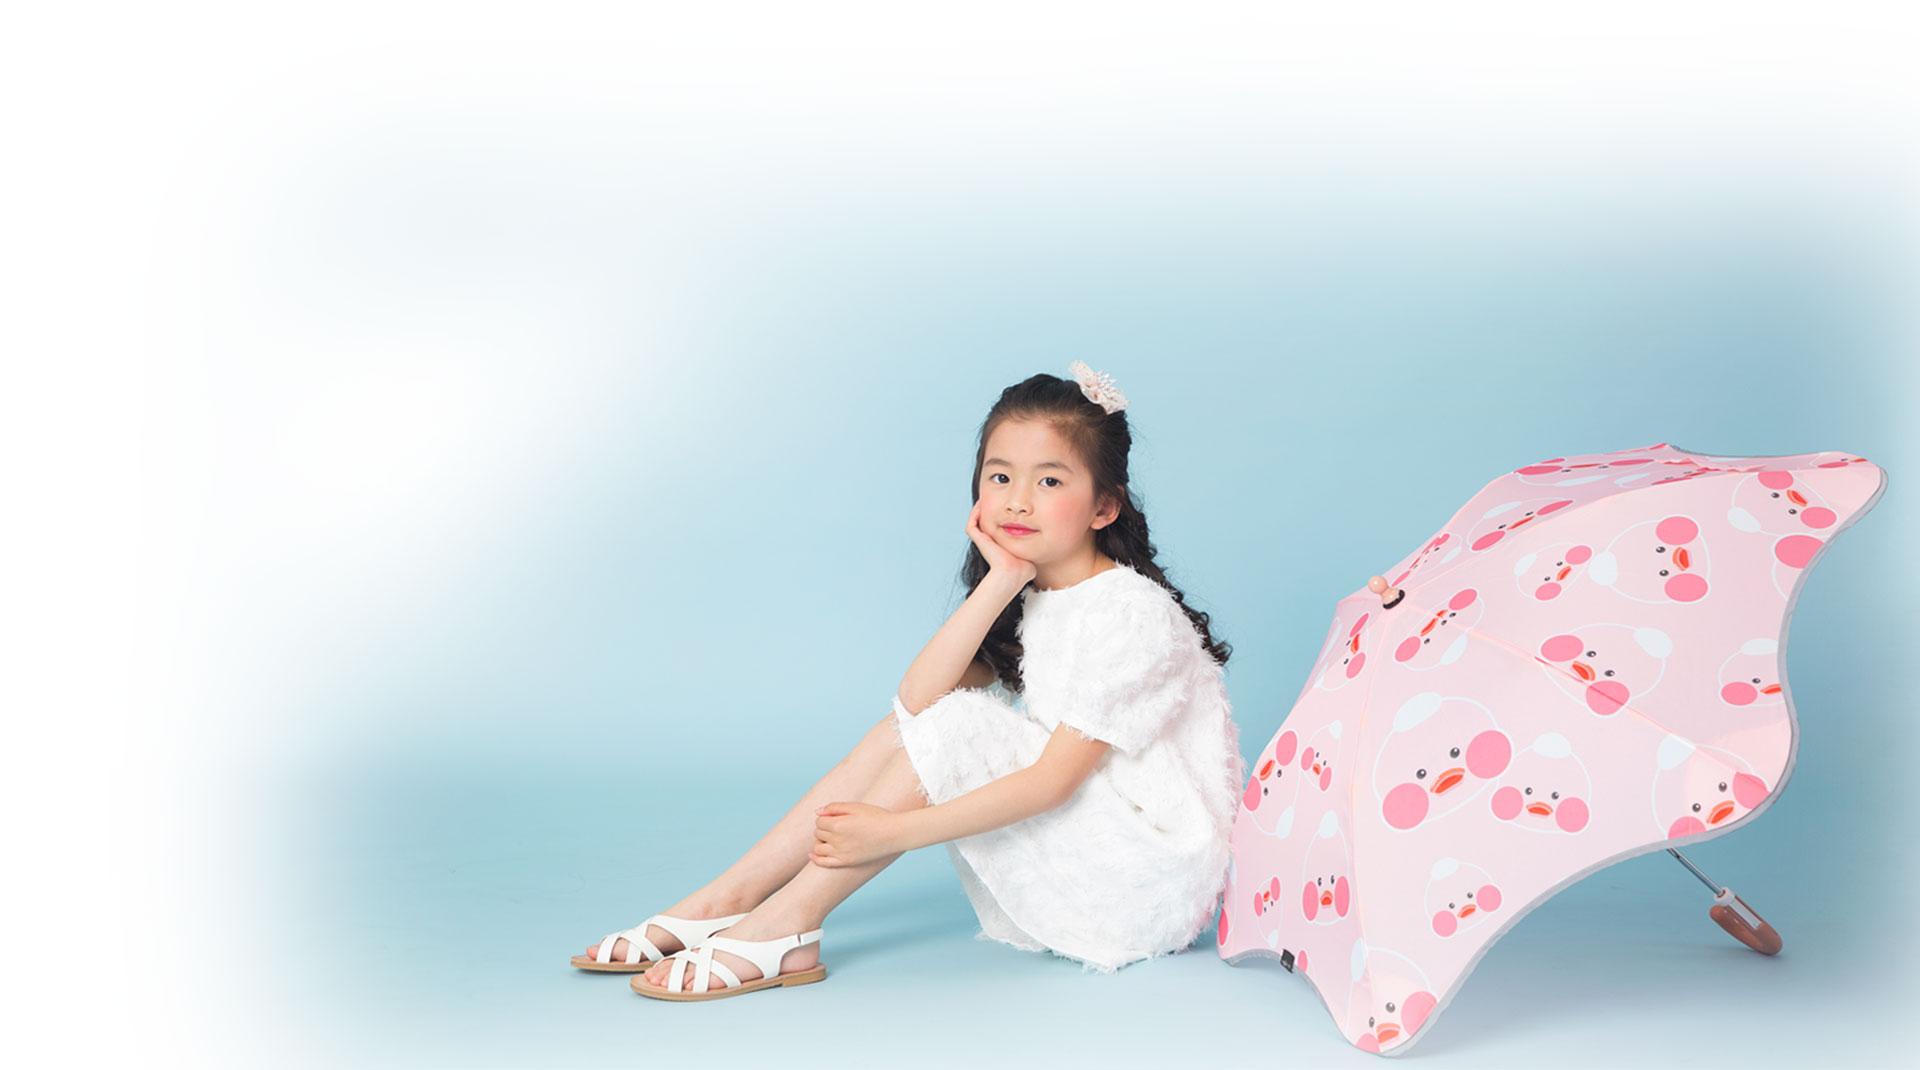 마이펀 어린이우산 모델